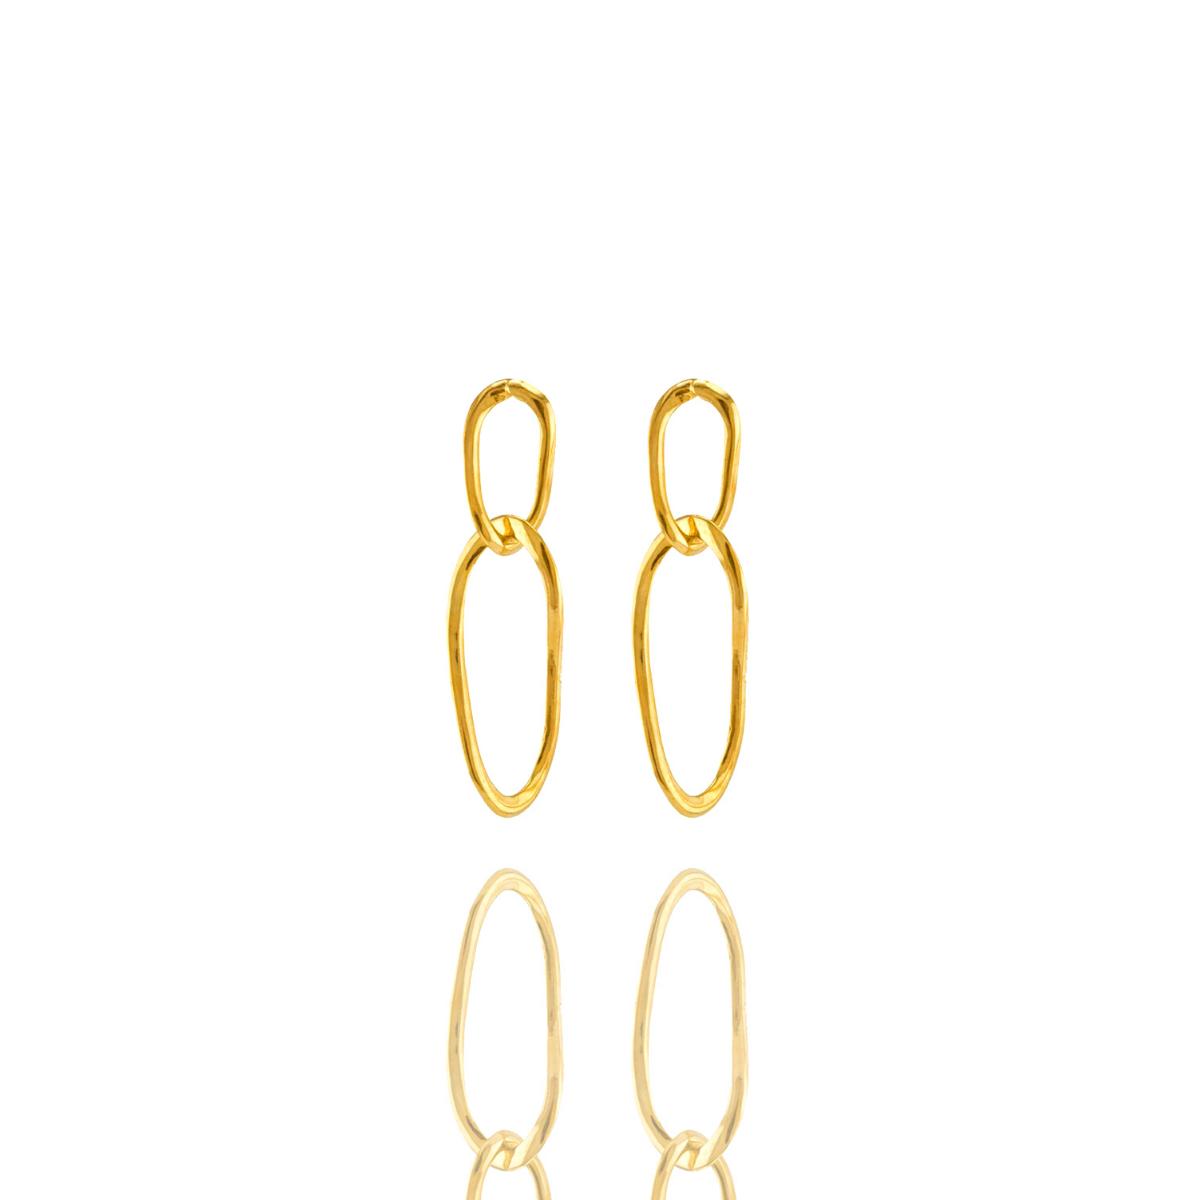 Brinco Barbara Strauss Corrente Em Metal Dourado,Revestido Em Ouro 18K